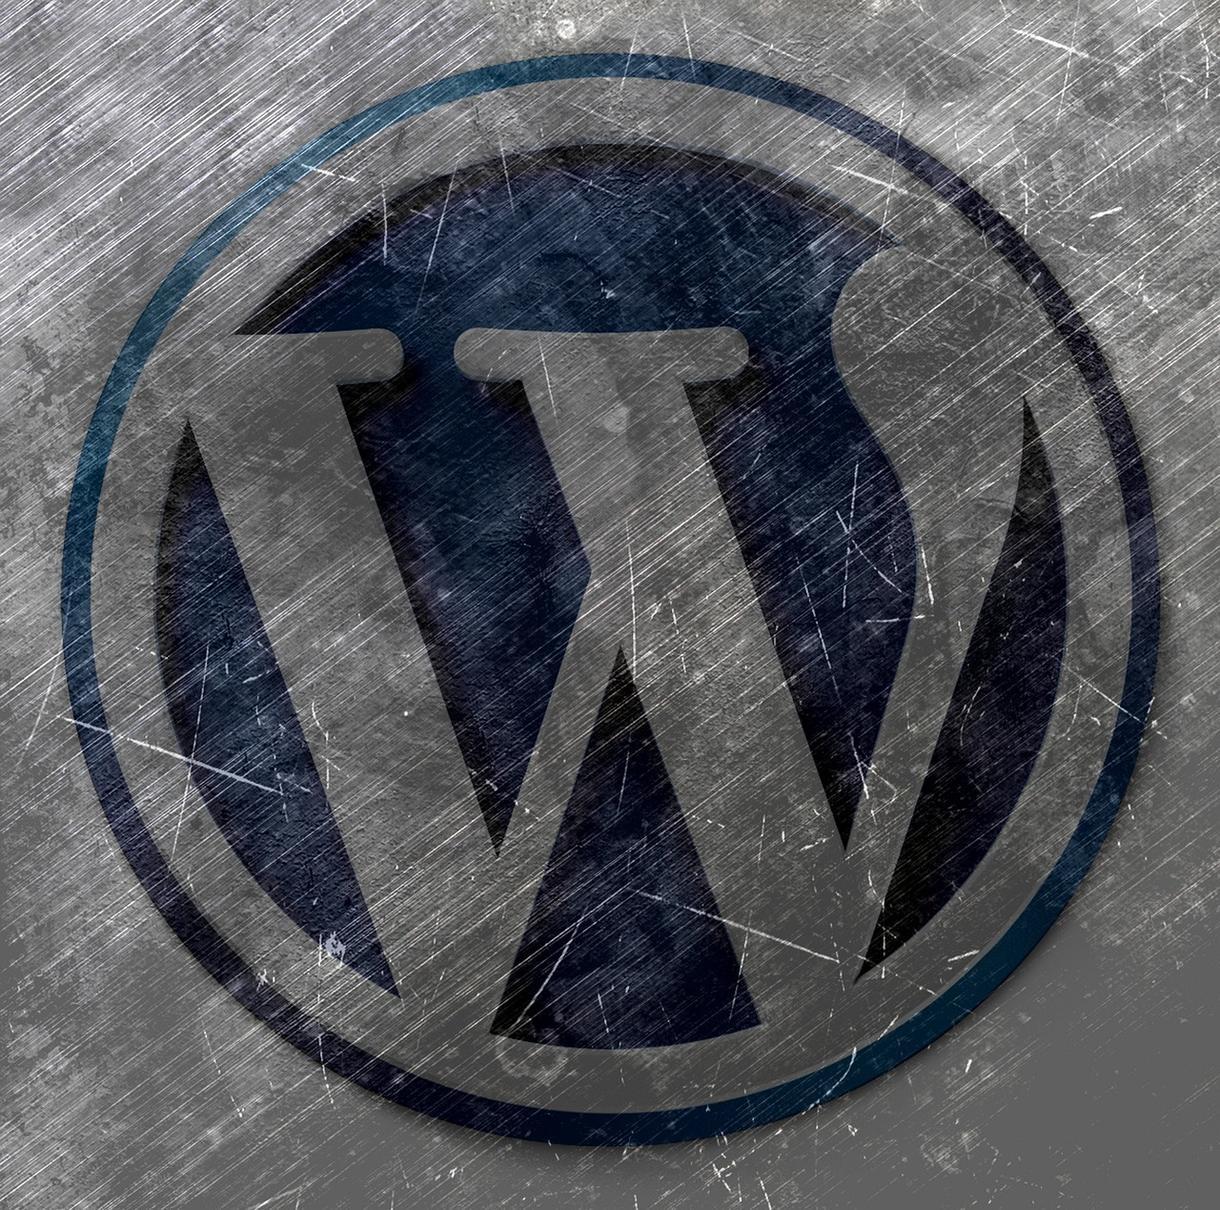 WordPressブログの初期設定代行をします 面倒なWordPressブログの初期設定を代行します!